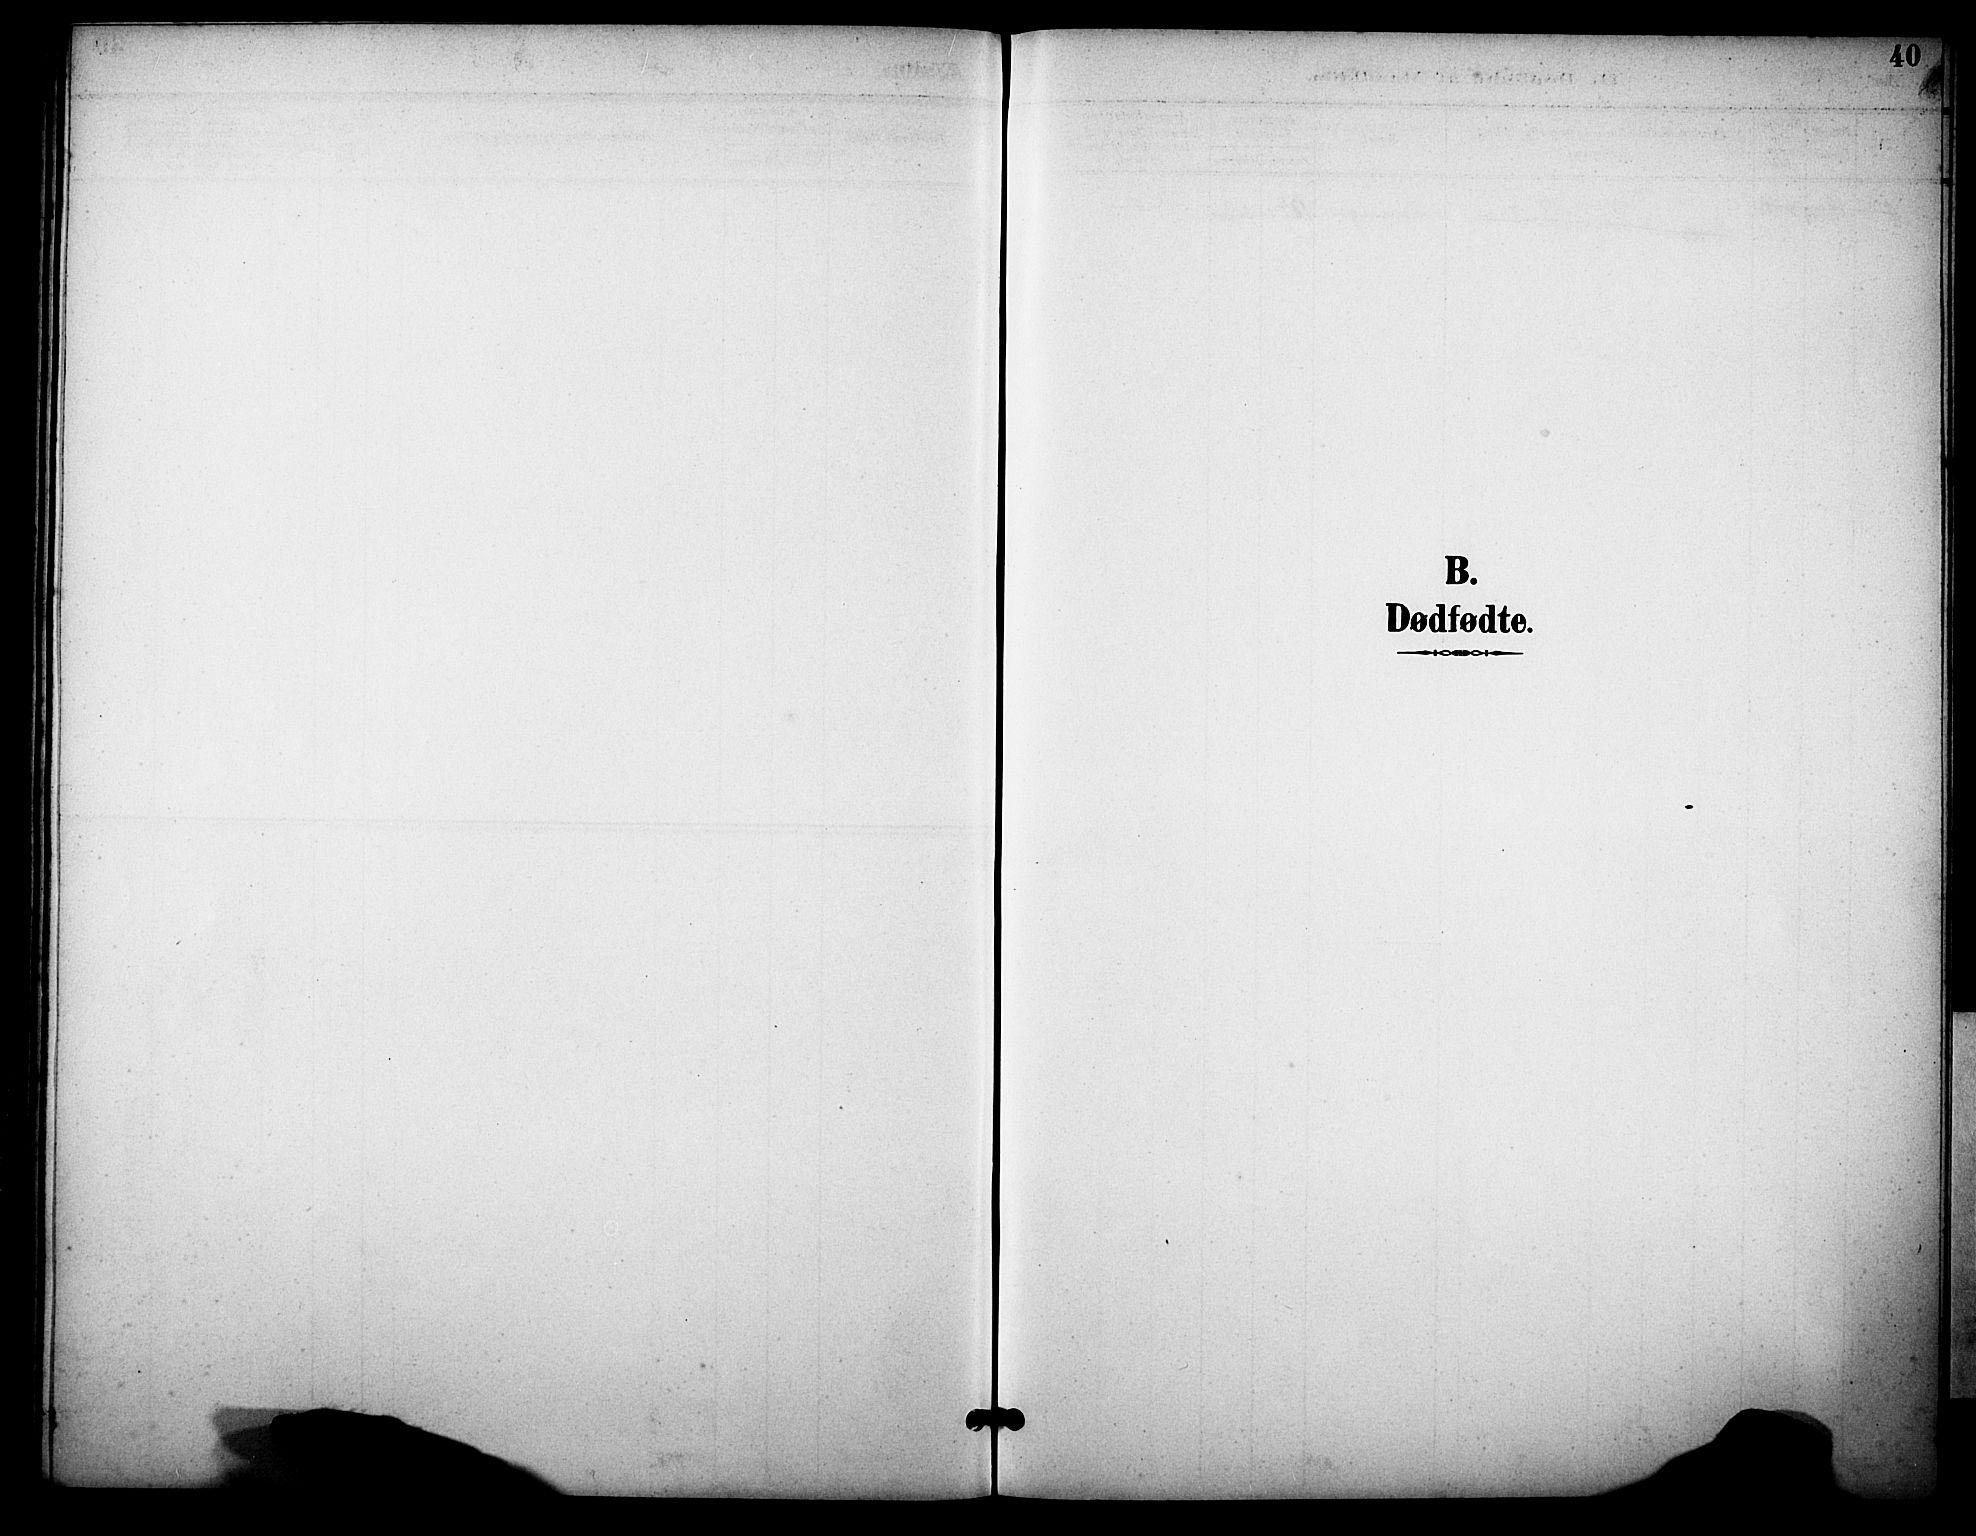 SAKO, Skåtøy kirkebøker, G/Gb/L0001: Klokkerbok nr. II 1, 1892-1916, s. 40